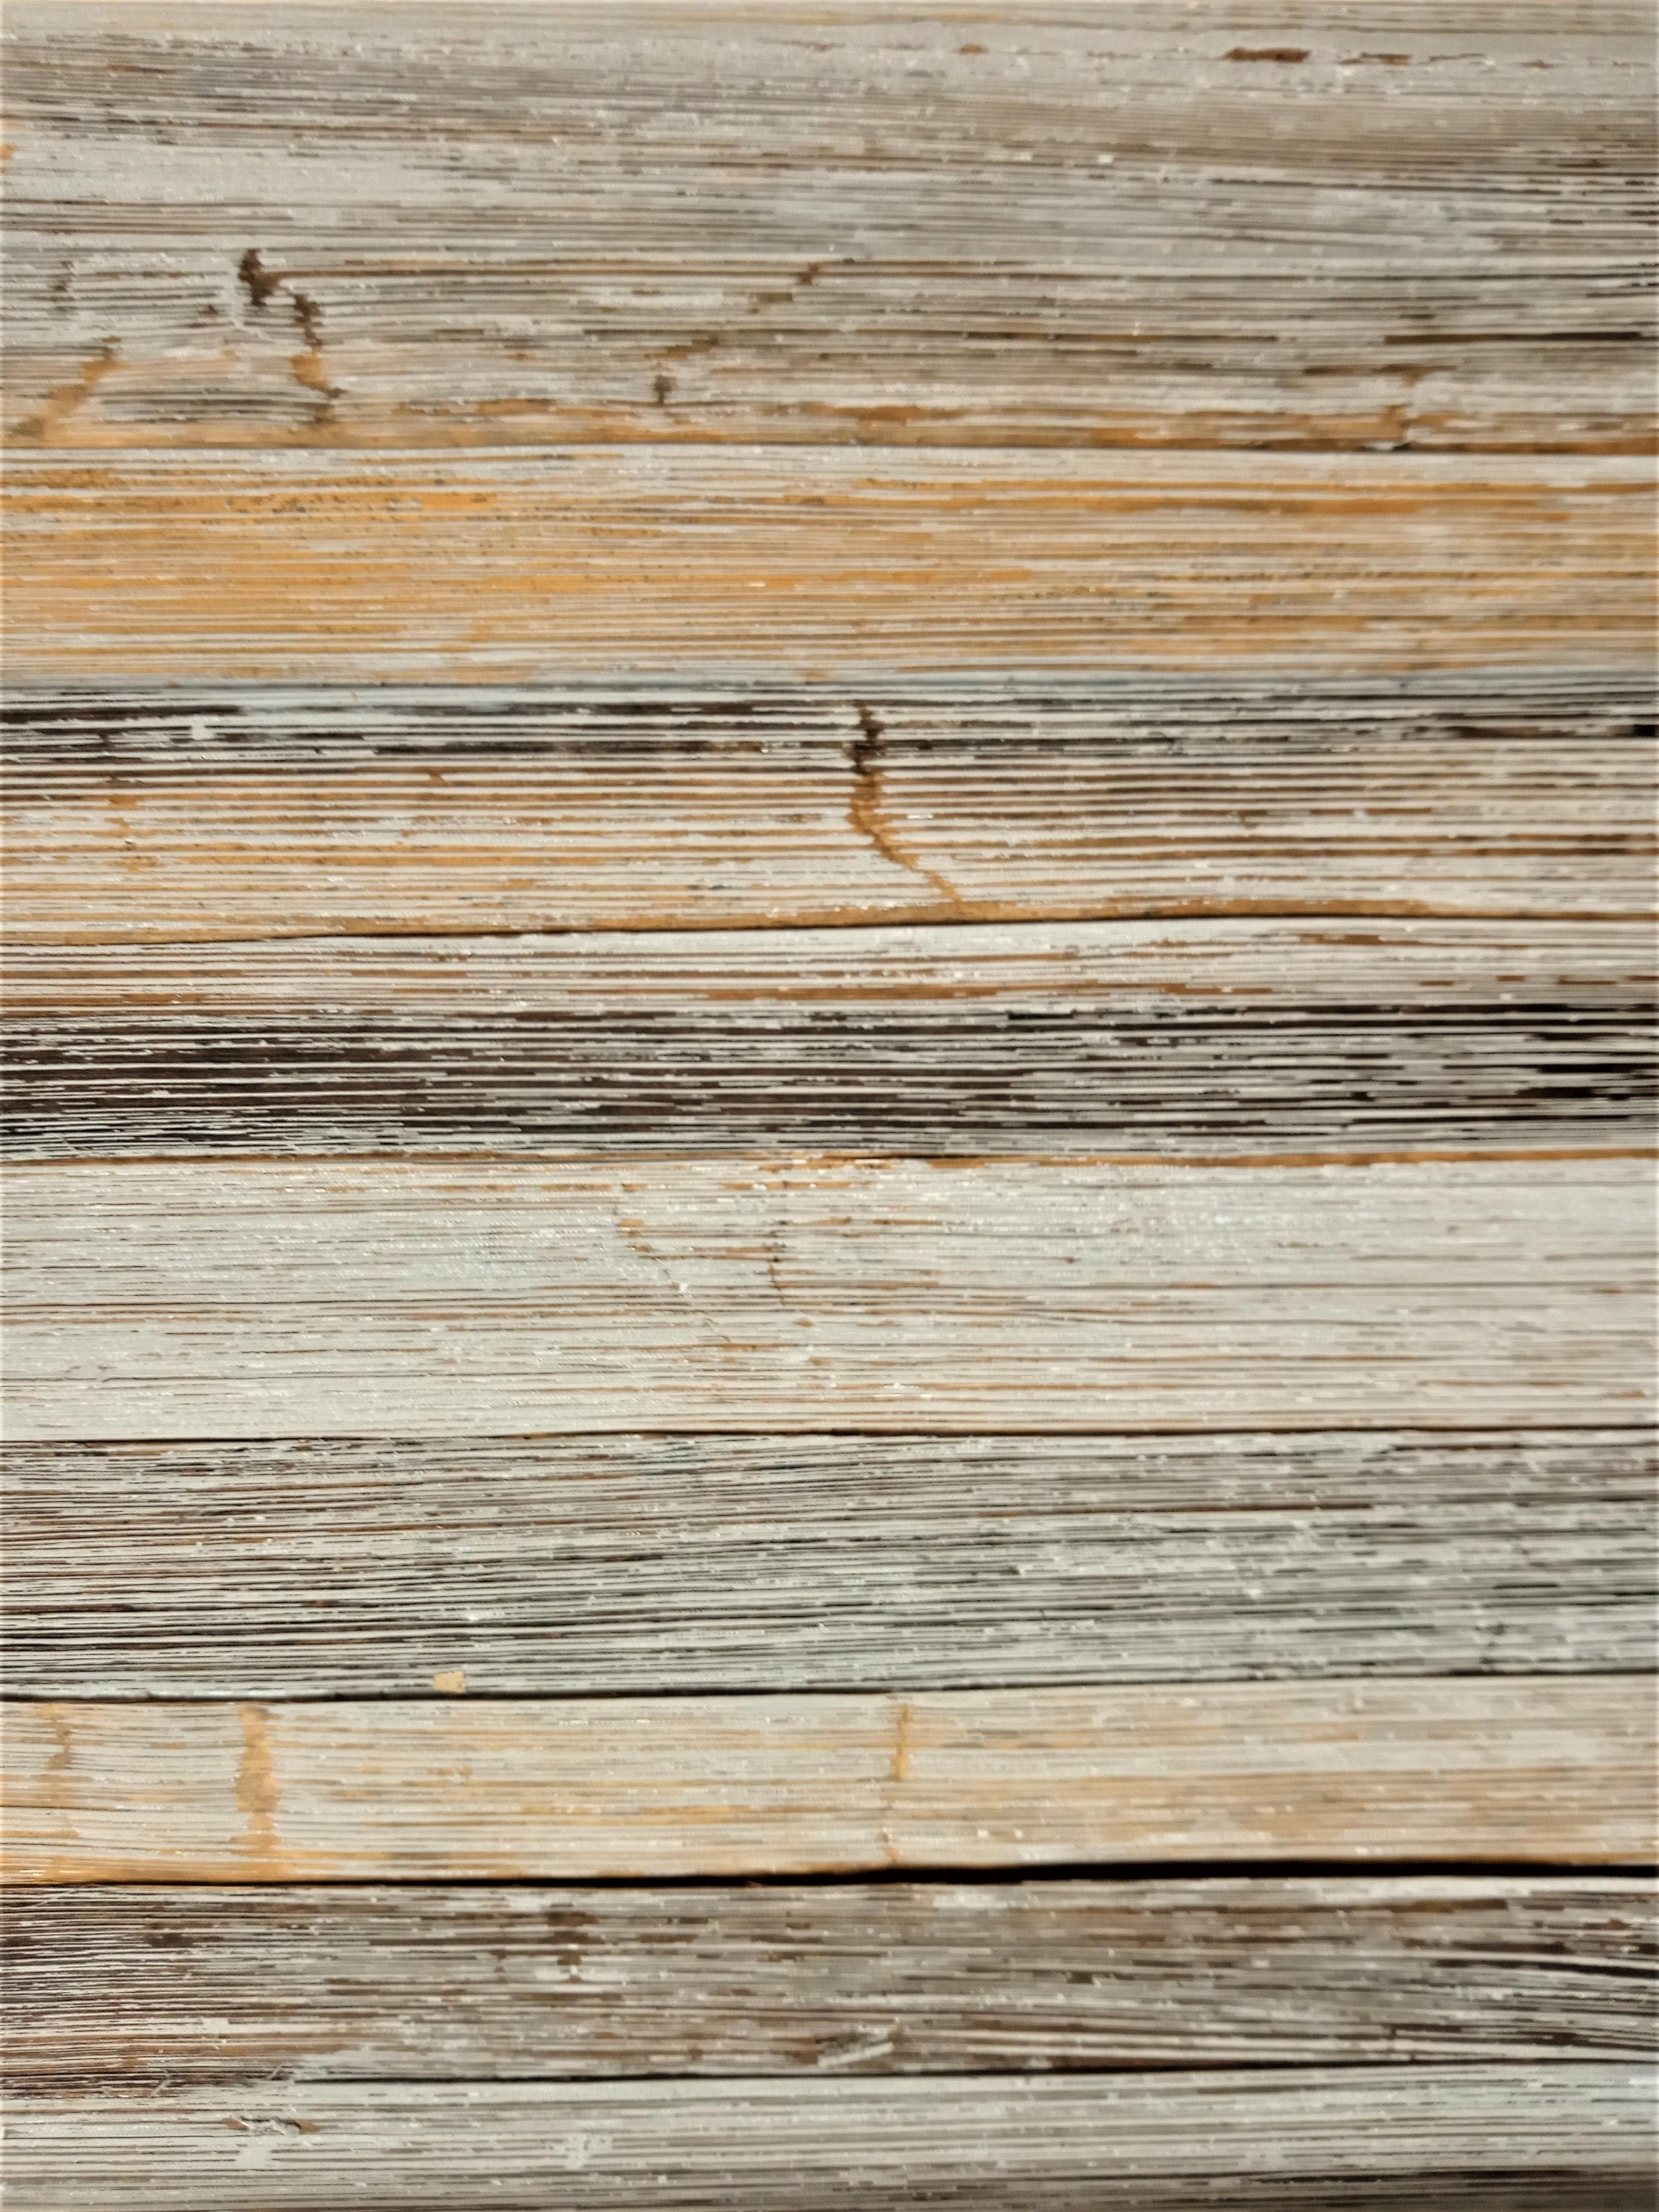 Naturtapete Abaca 213958 in 3 Farben Breite 0,91m Preis gilt für 1m Länge